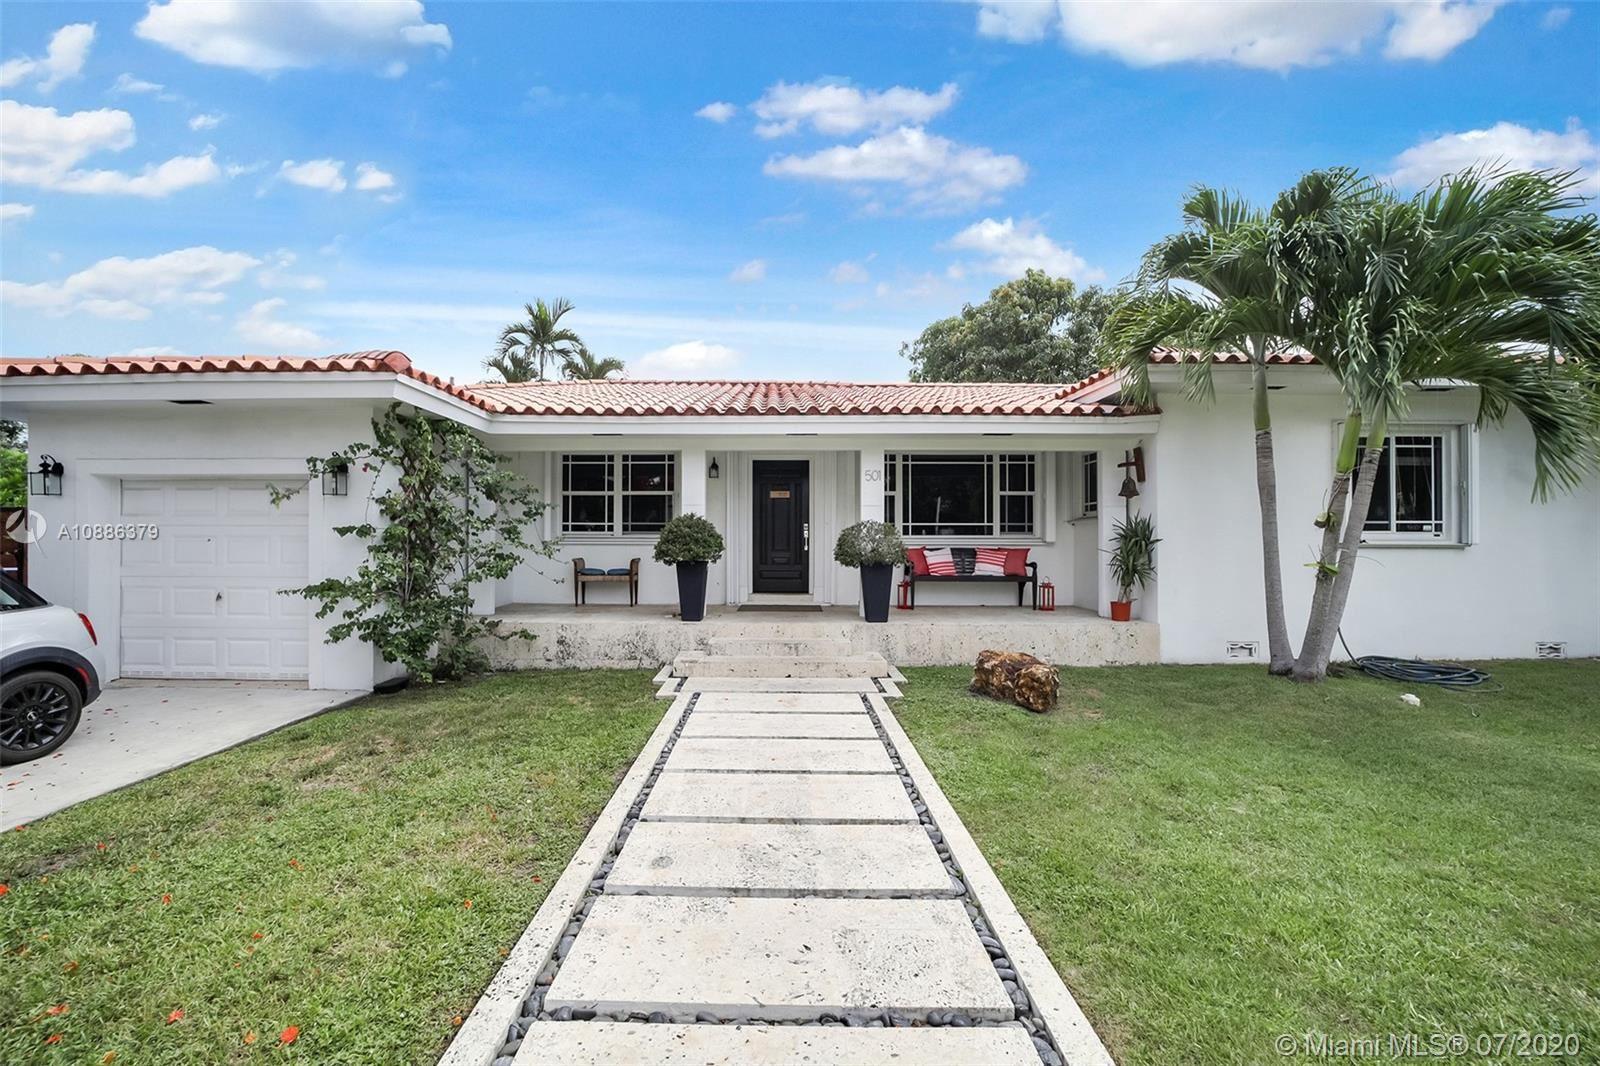 501 SW 19th Rd, Miami, FL 33129 - #: A10886379